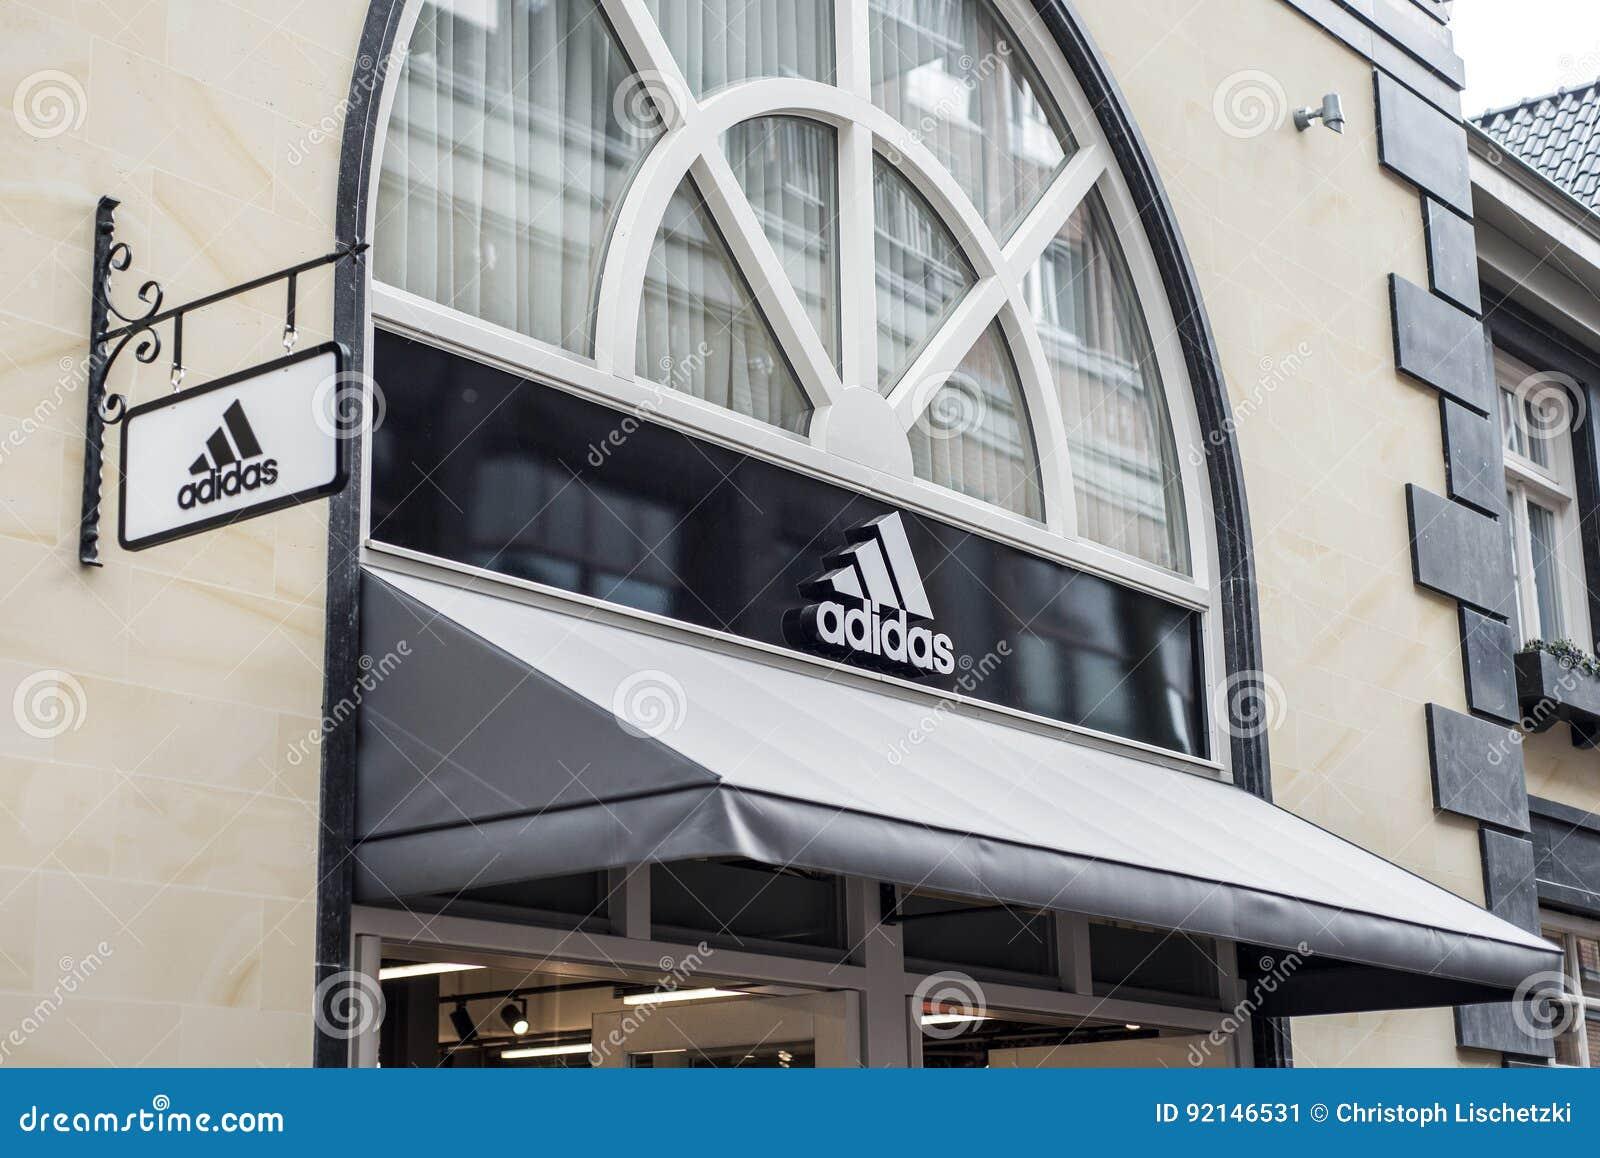 Mc Arthur Glen Designer Outlet Shopping